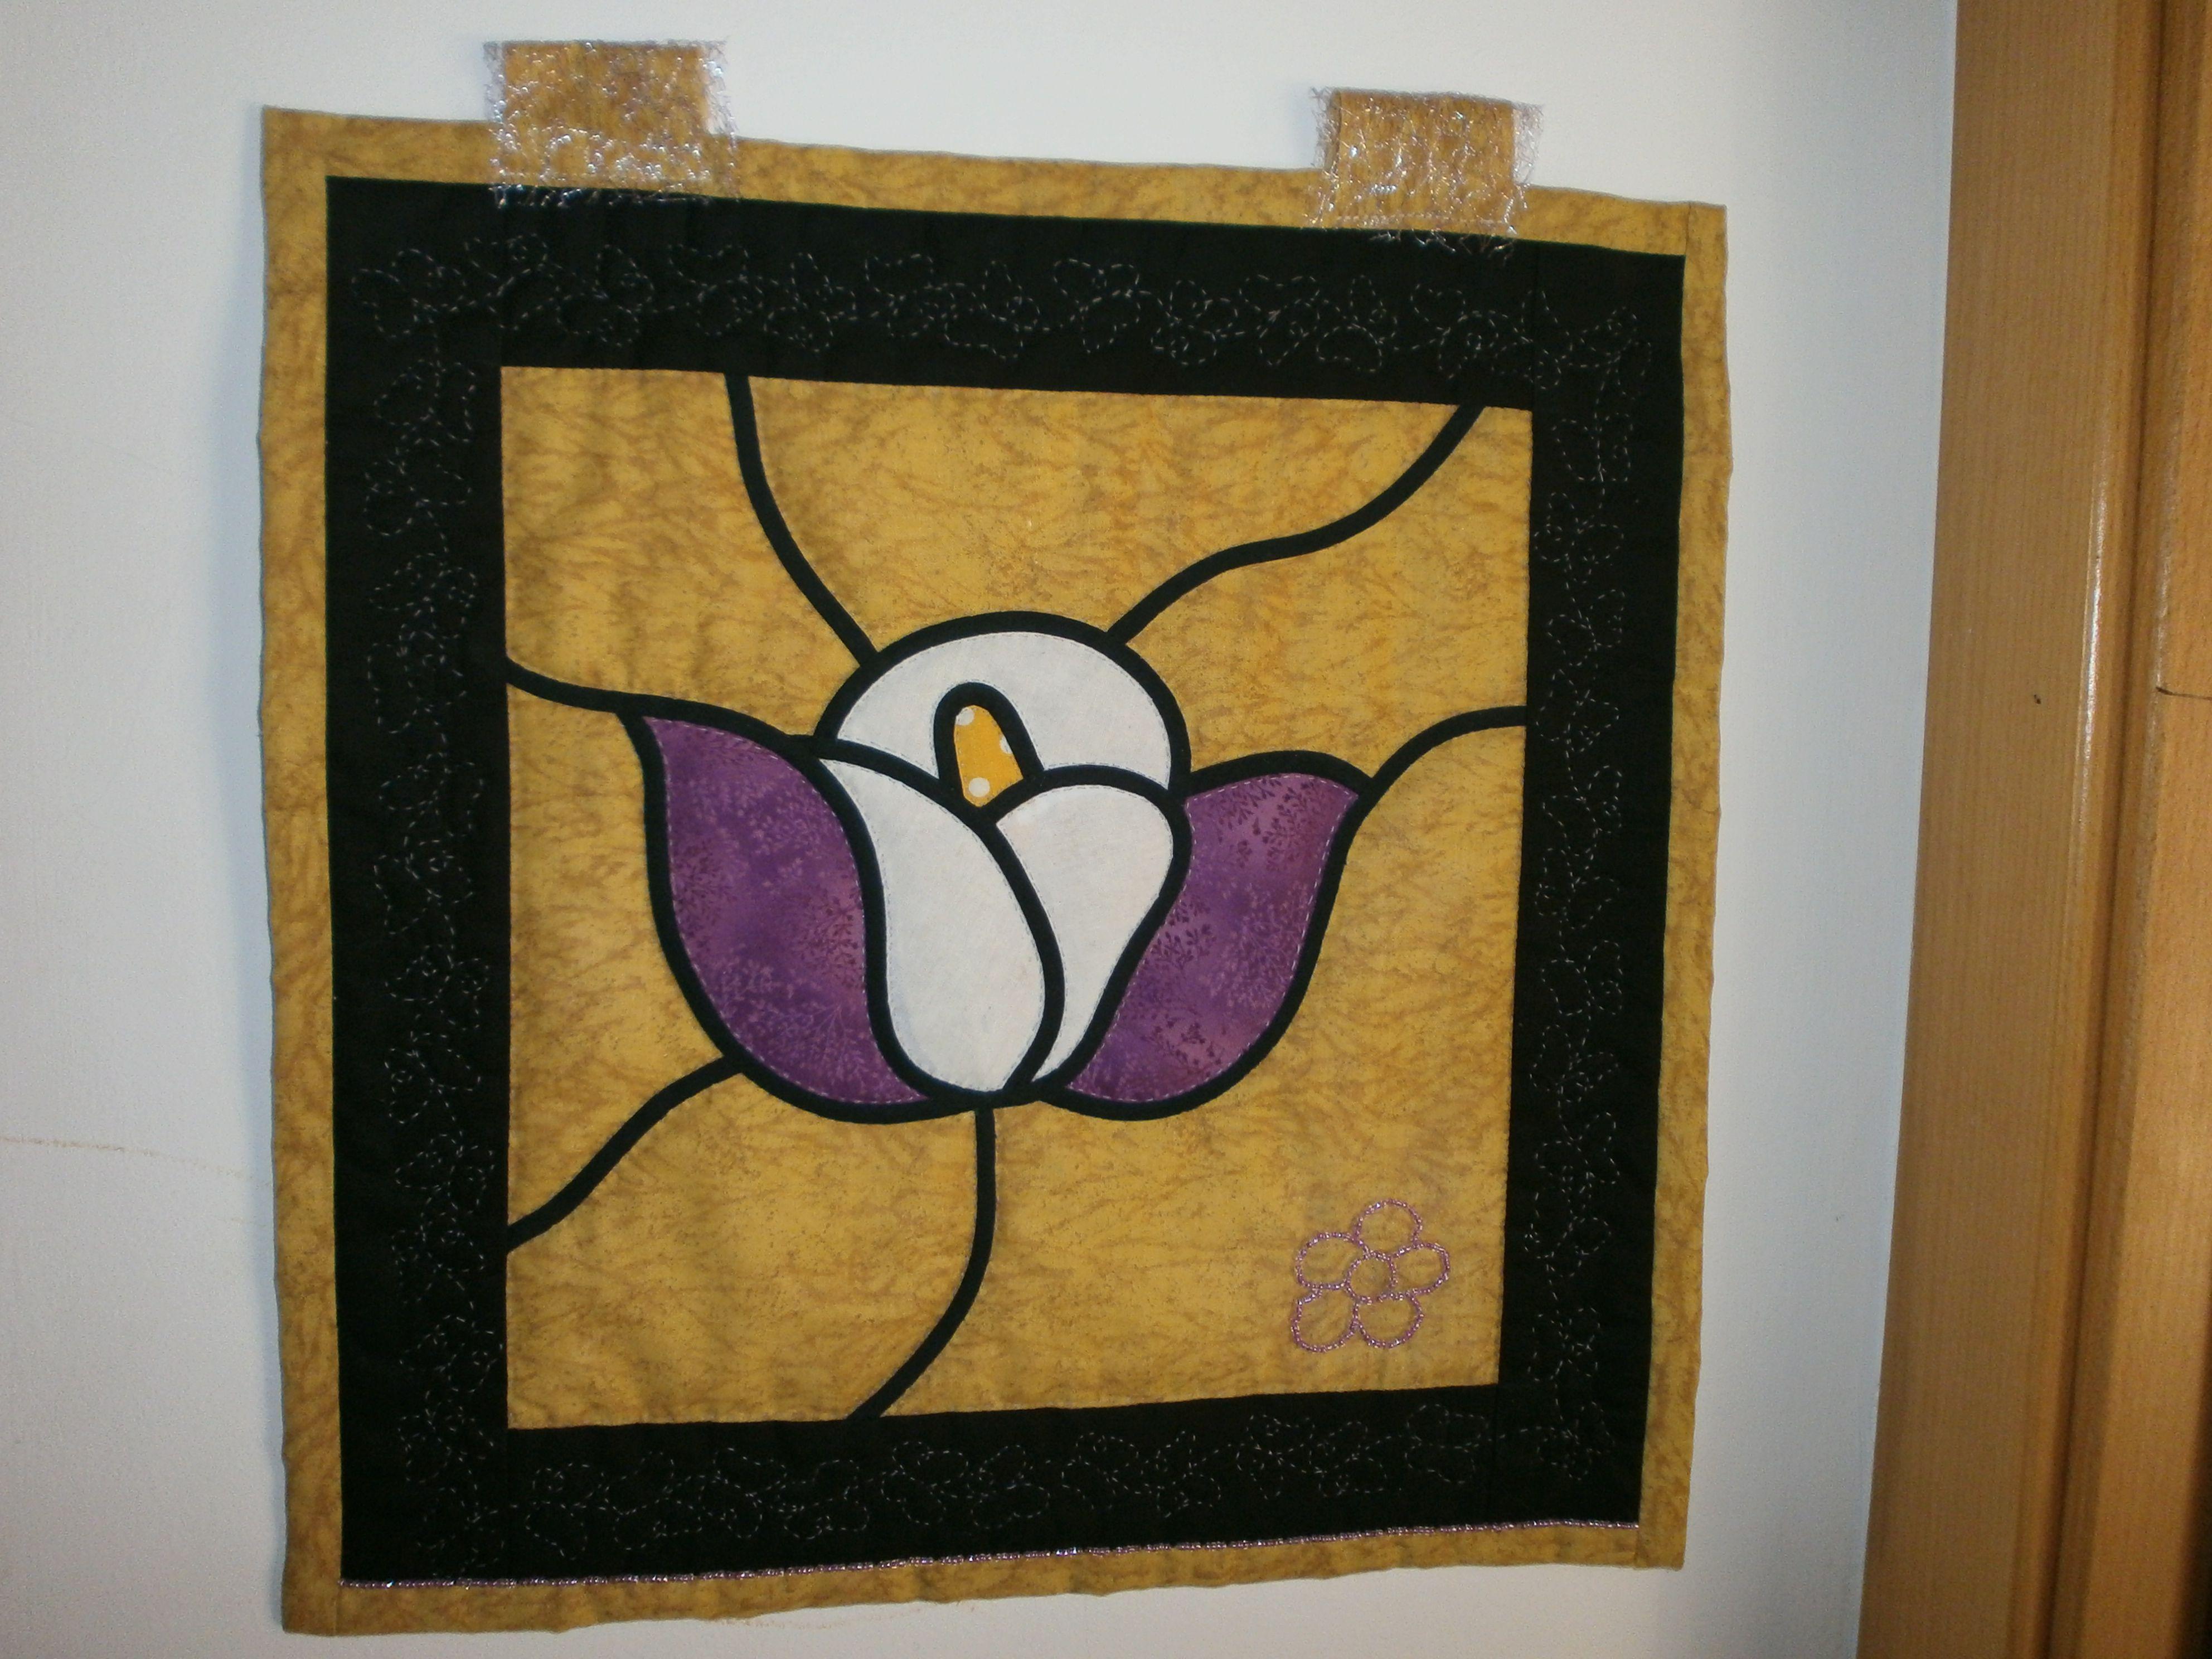 VIDRIERA patchwork   DIBUJOS VIDRIERAS   Pinterest   Vidrieras ...